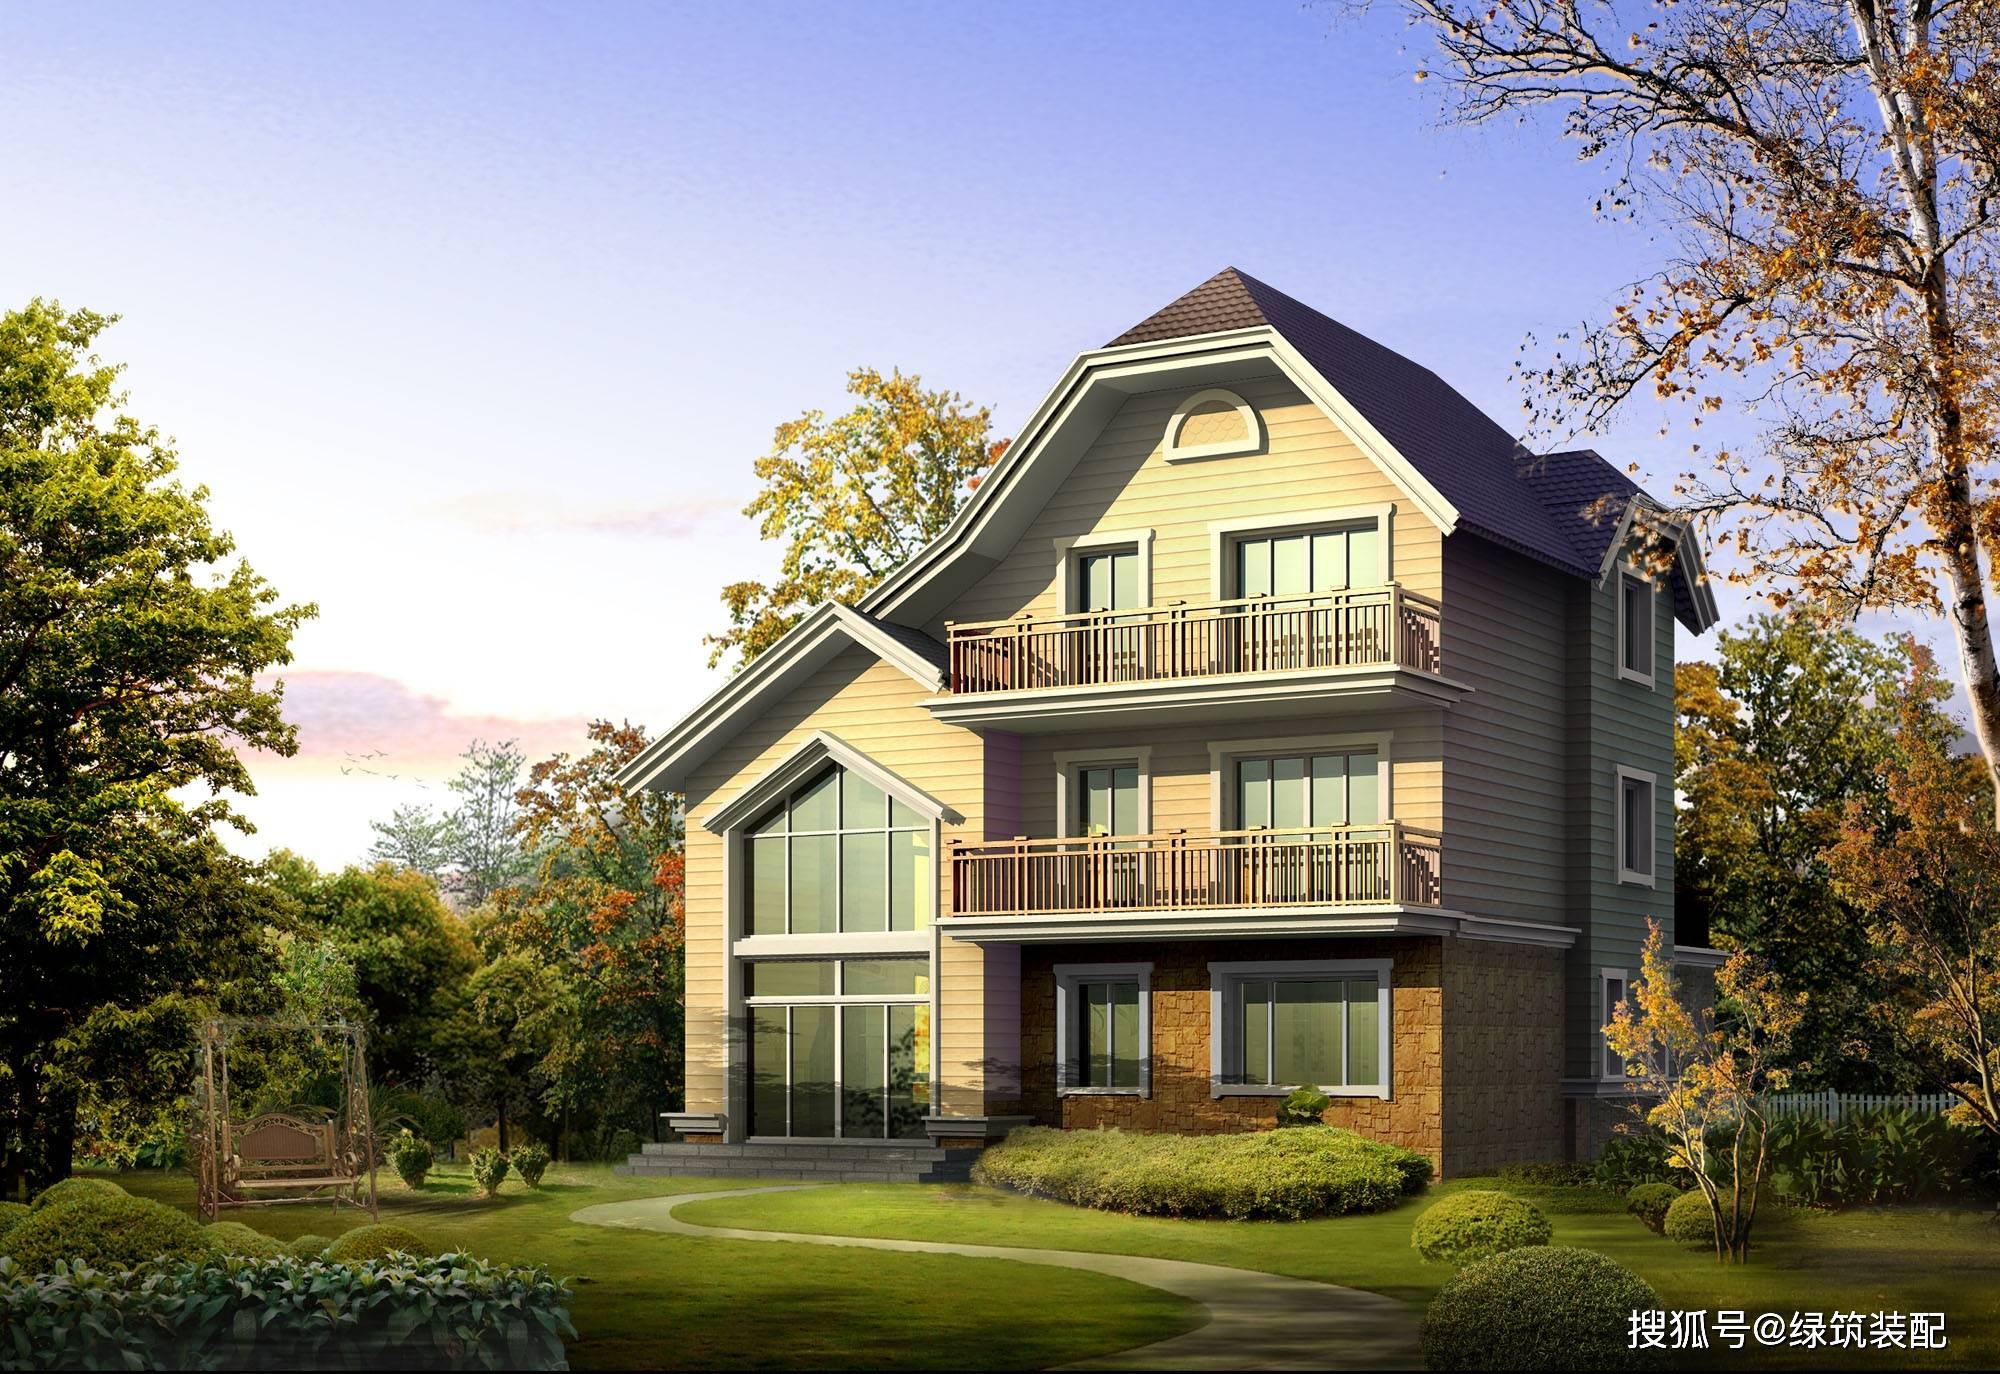 三层别墅设计图纸及效果图 三层别墅图片大全 农村三层别墅平面户型图